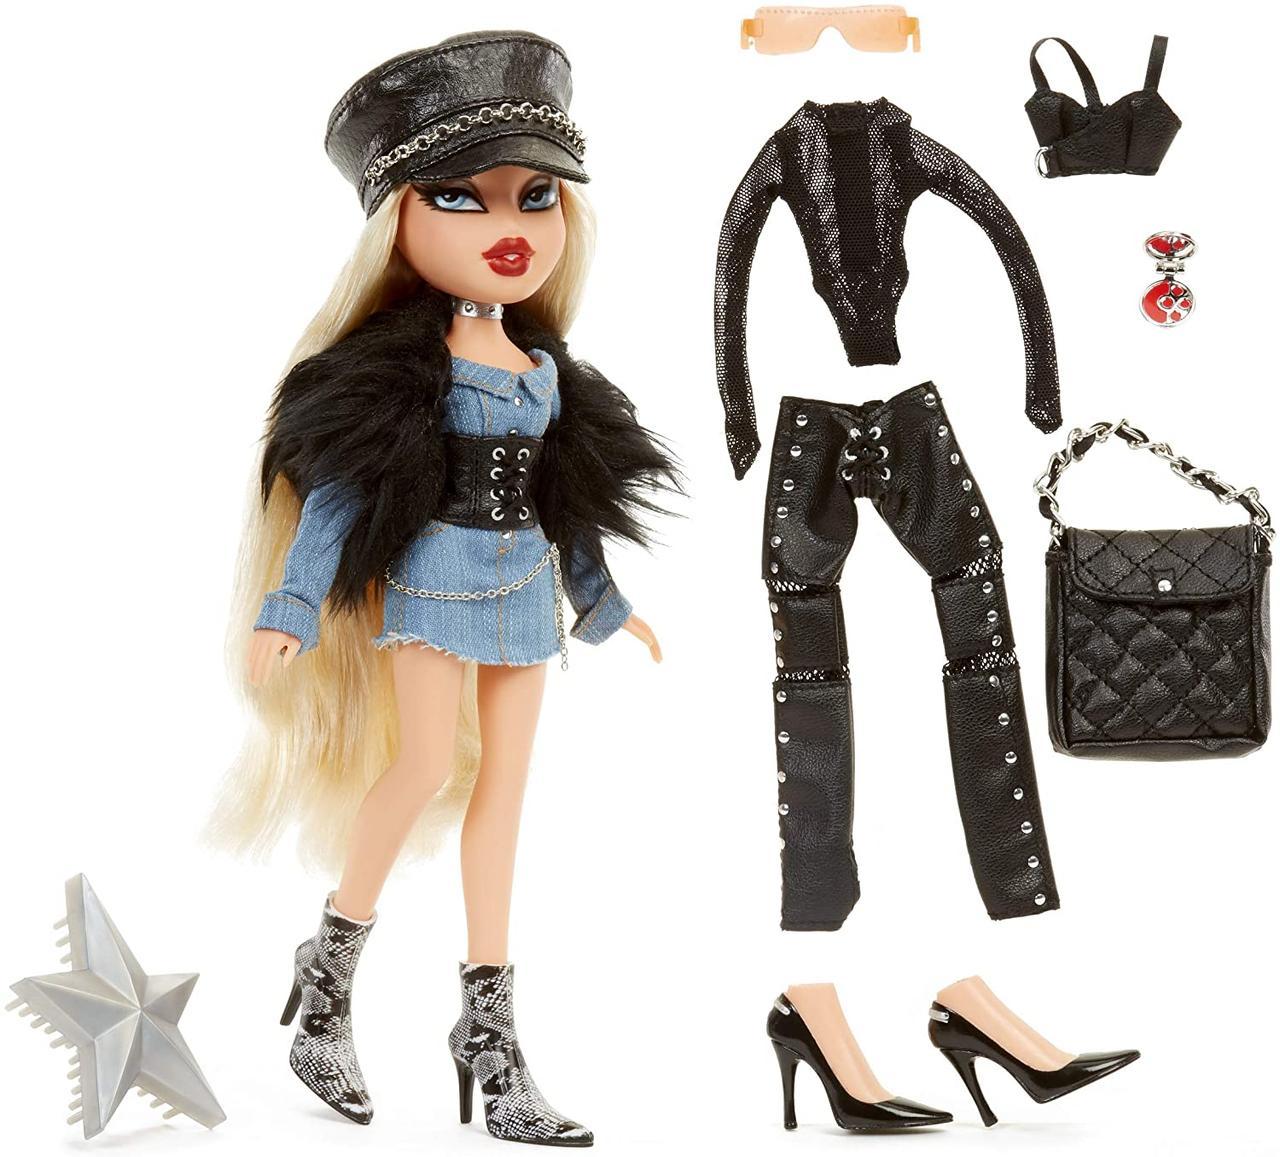 Кукла Братц Хлоя Хлое коллектор Cloe Bratz Collector Doll коллекционная 2018 года оригинал